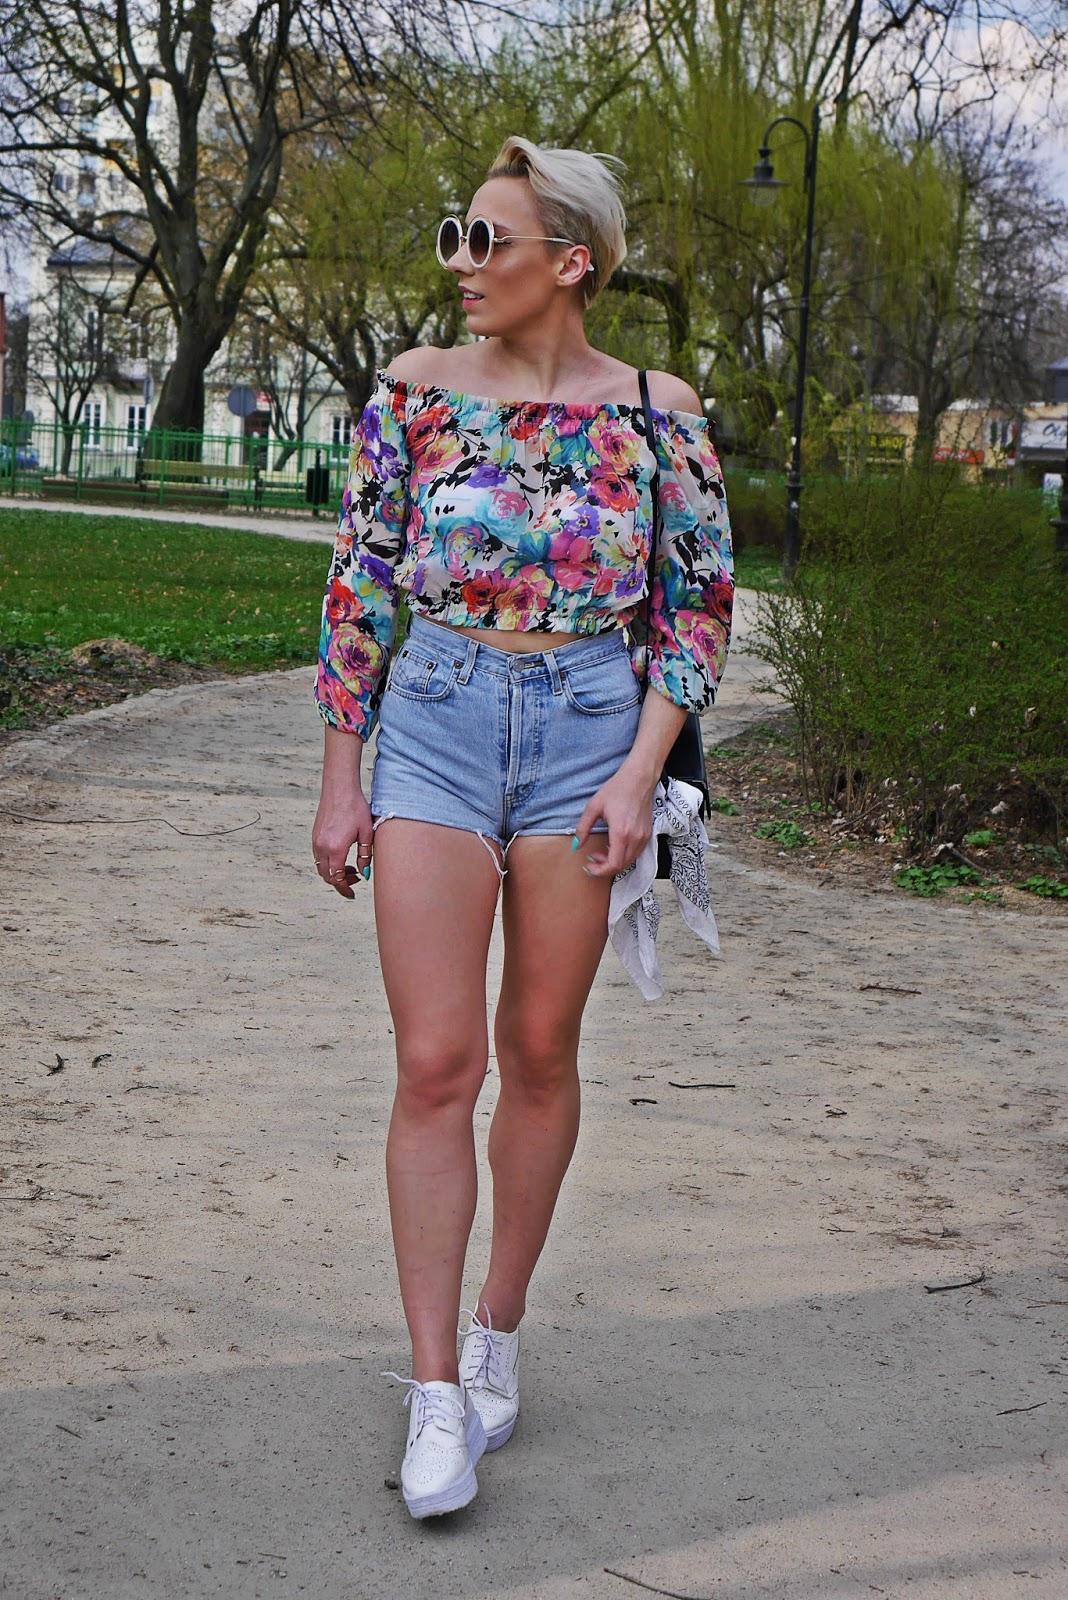 szorty_z-wysokim_stanem_koszulka_bez_ramion_platformy_biale_karyn_blog_110417b